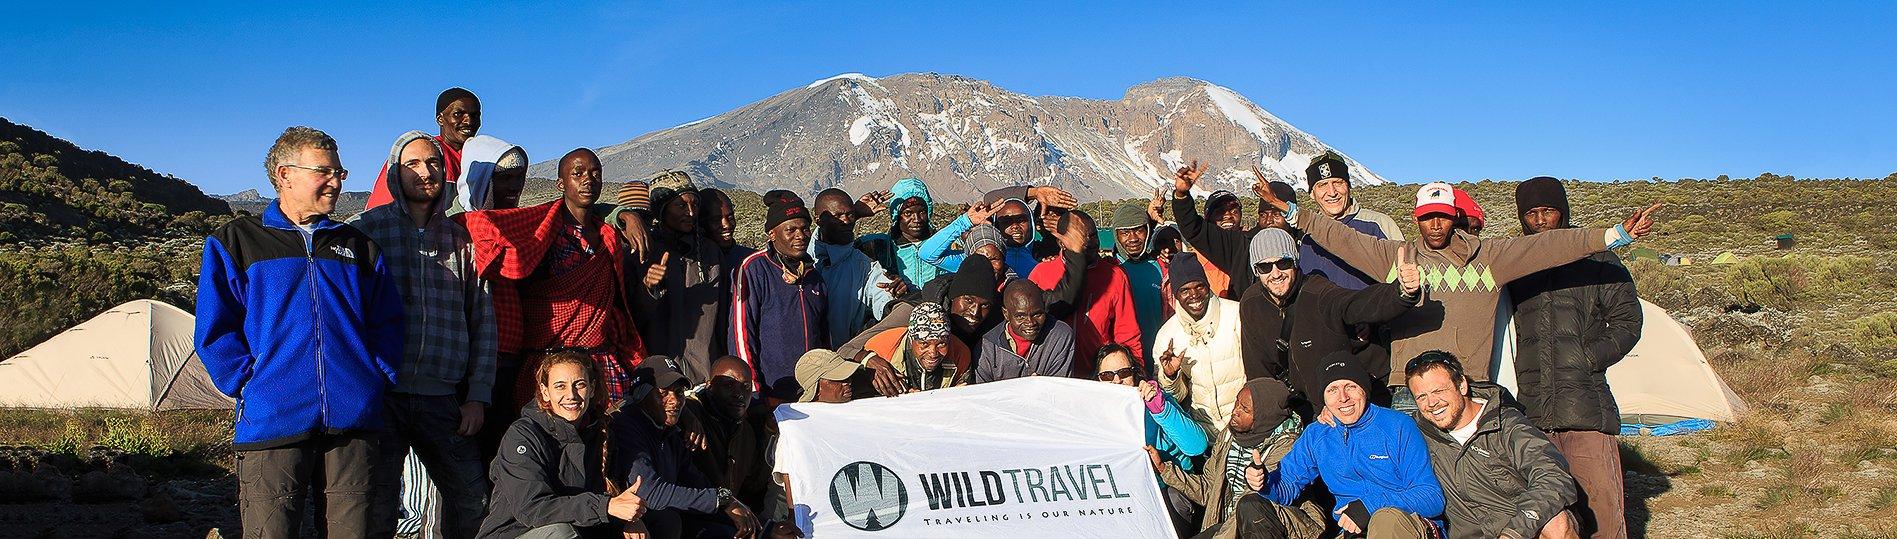 קילימנג'רו - Wild Travel